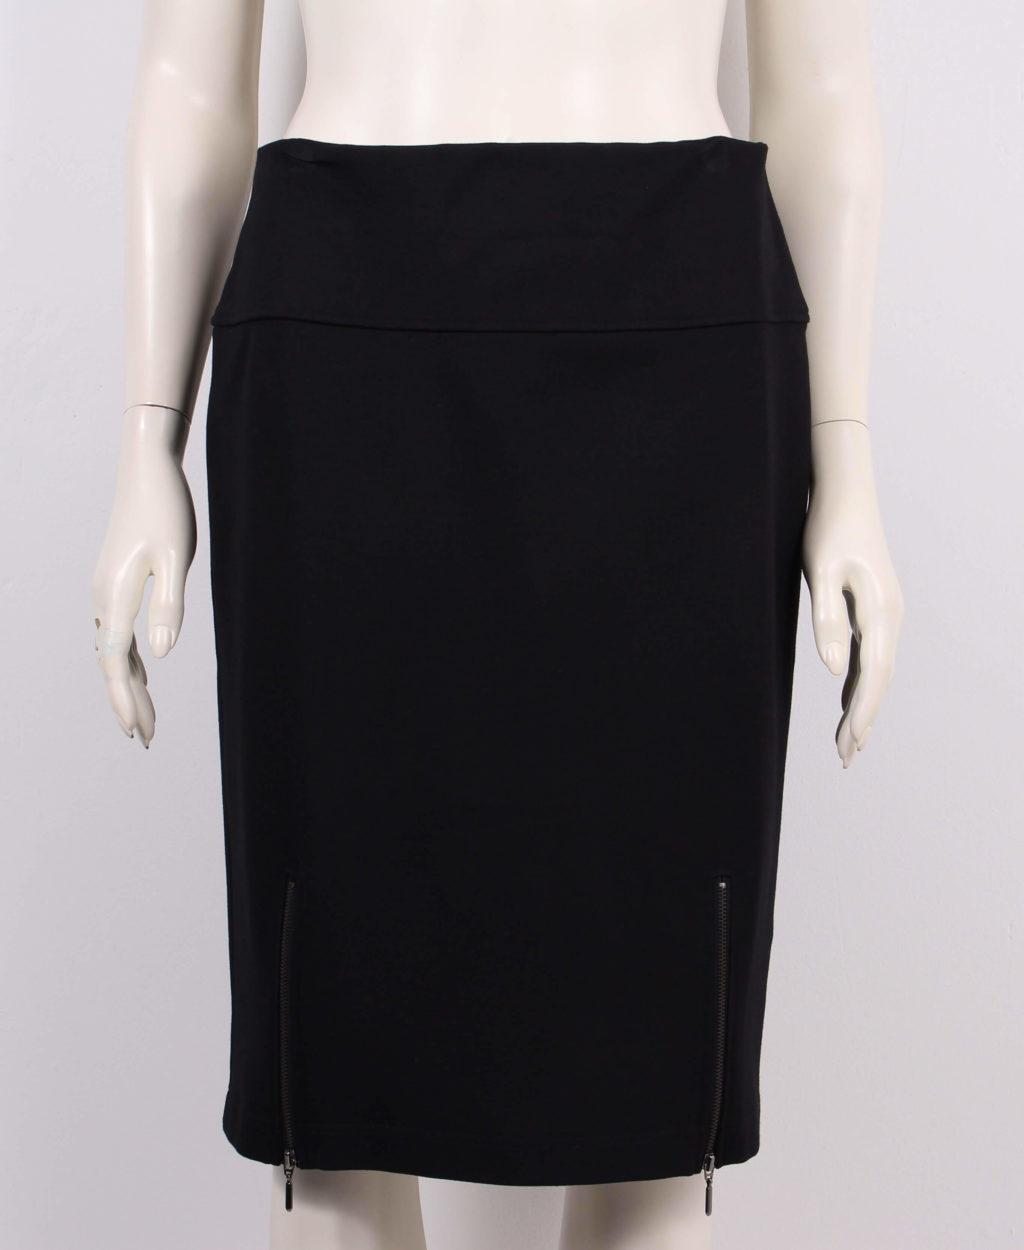 Choise Klassisk Sort Dame Nederdel m. elastik i talje 50%